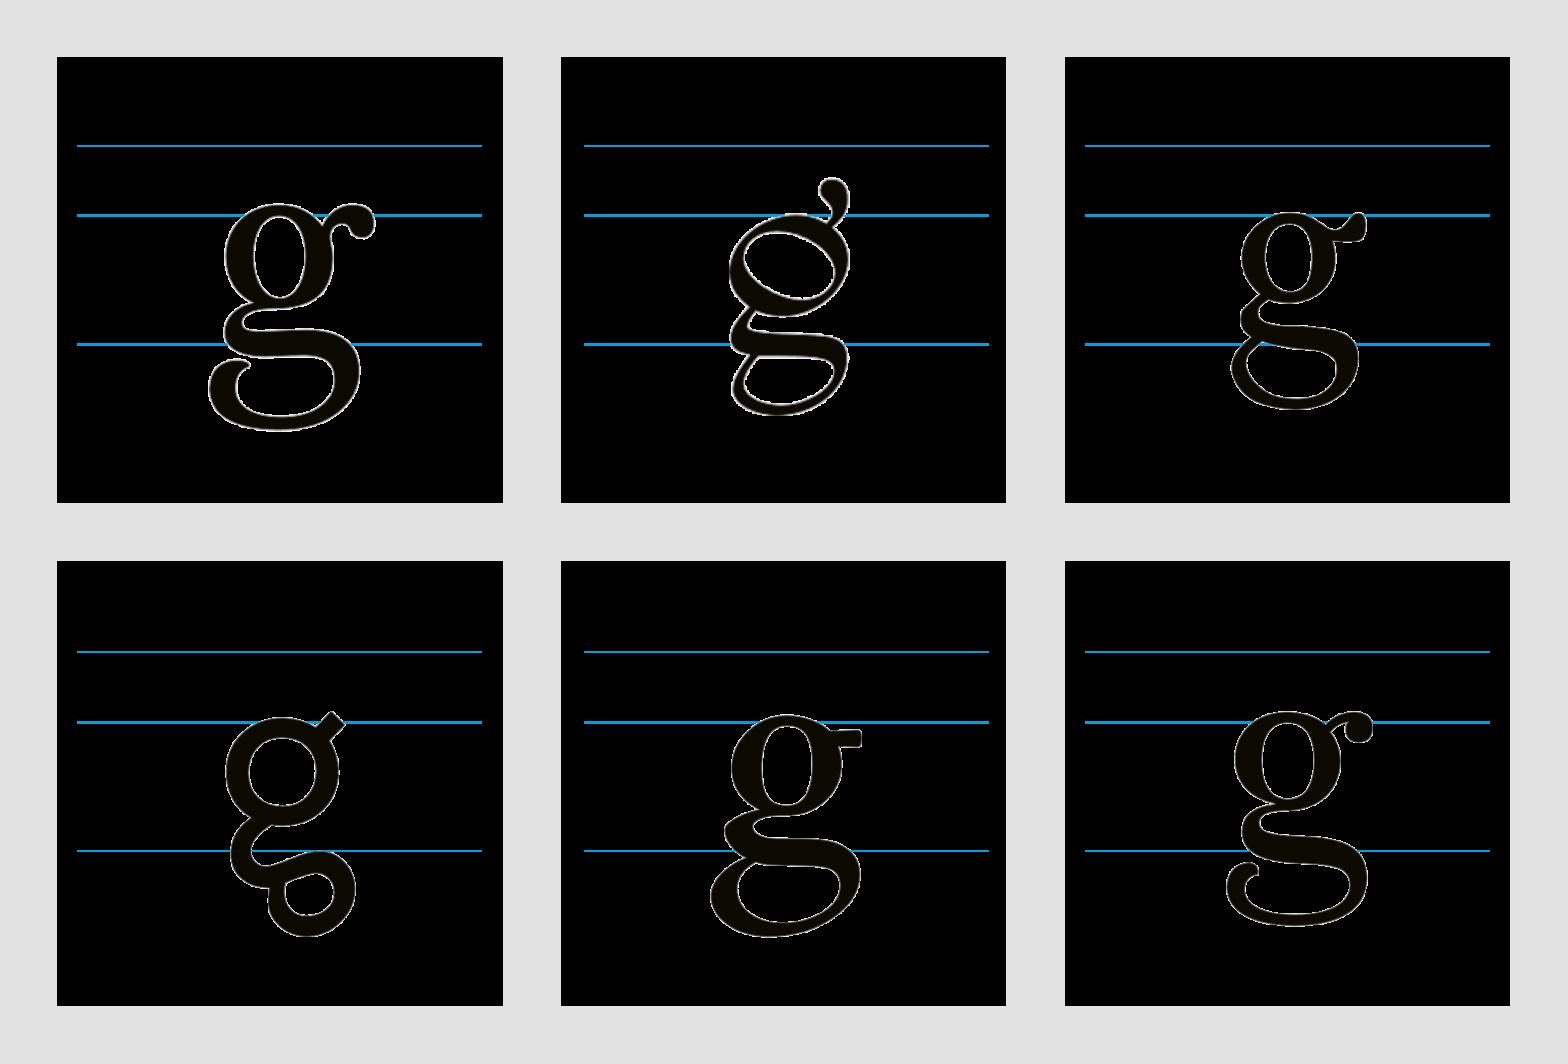 Musterkarte 2 aus: Das kleine g – eine experimentelle Studie